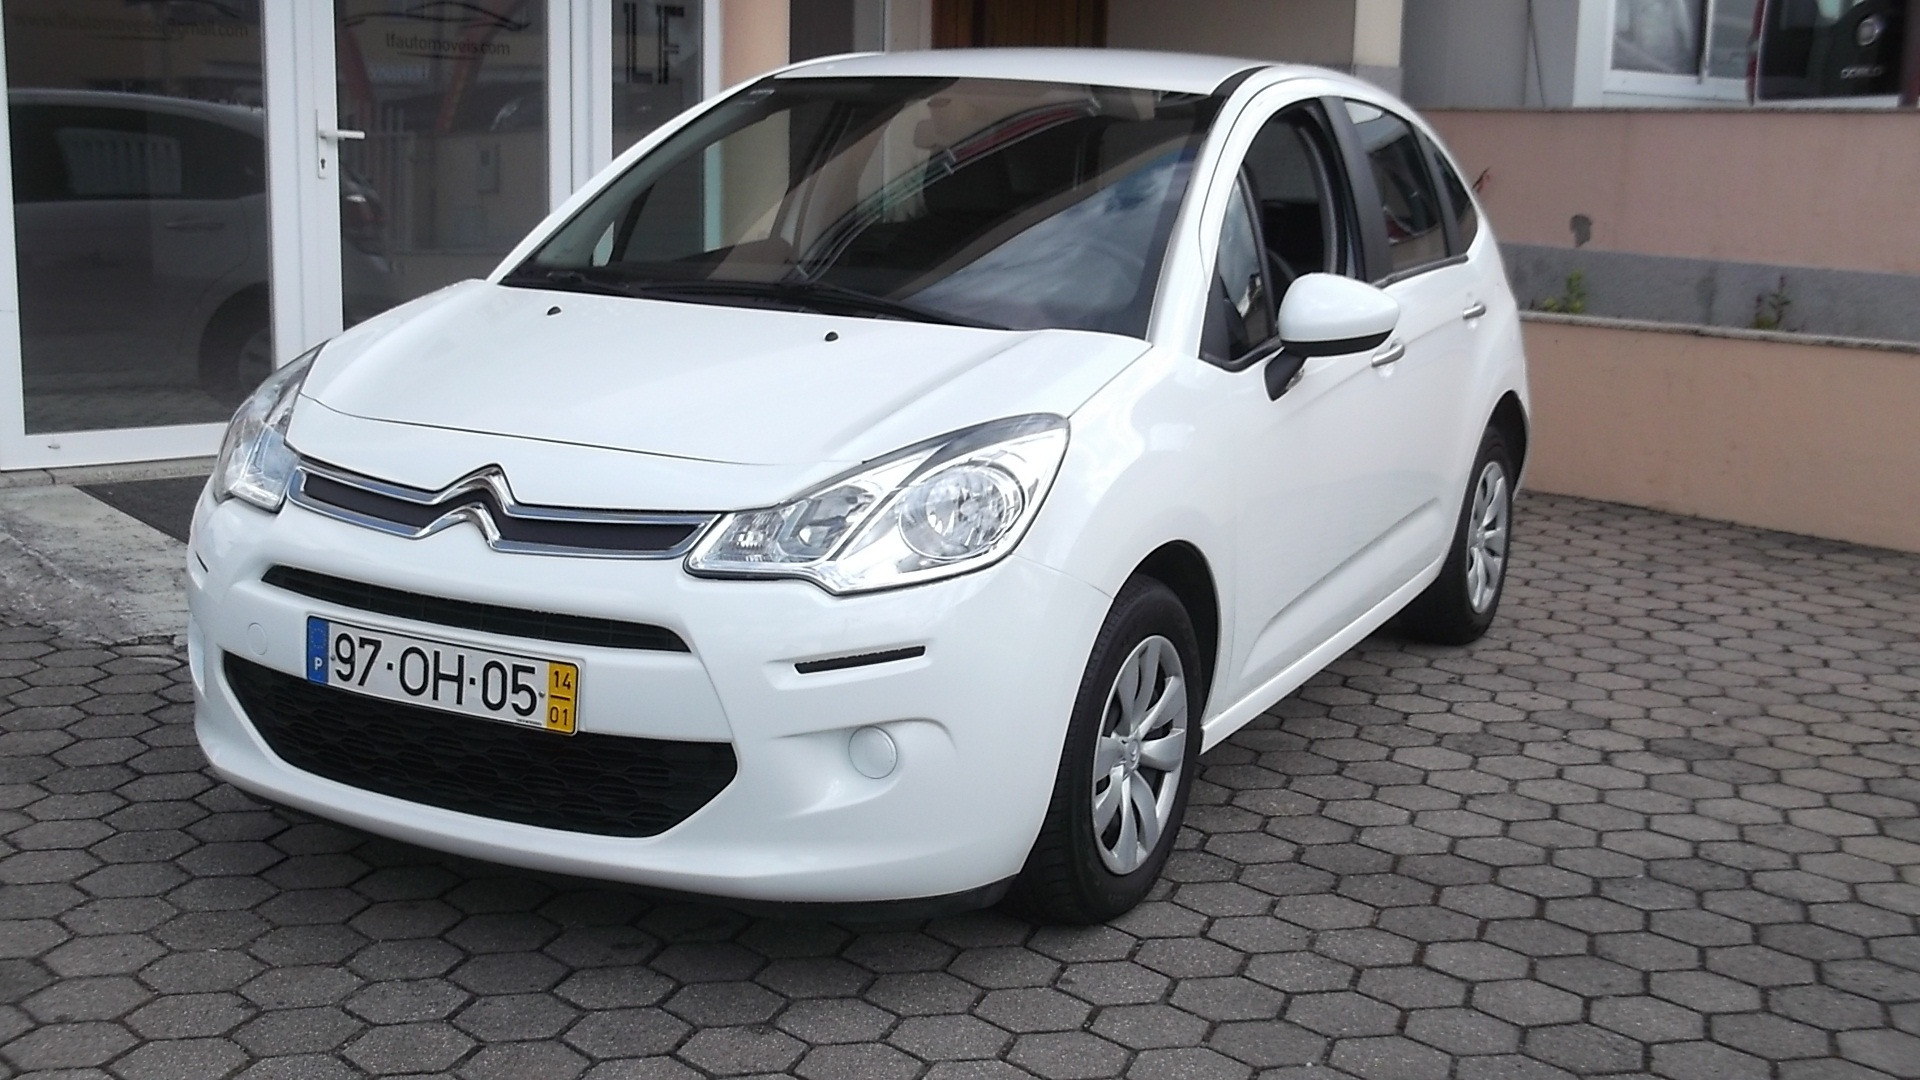 Citroën C3 1.4 HDI ATTRACION